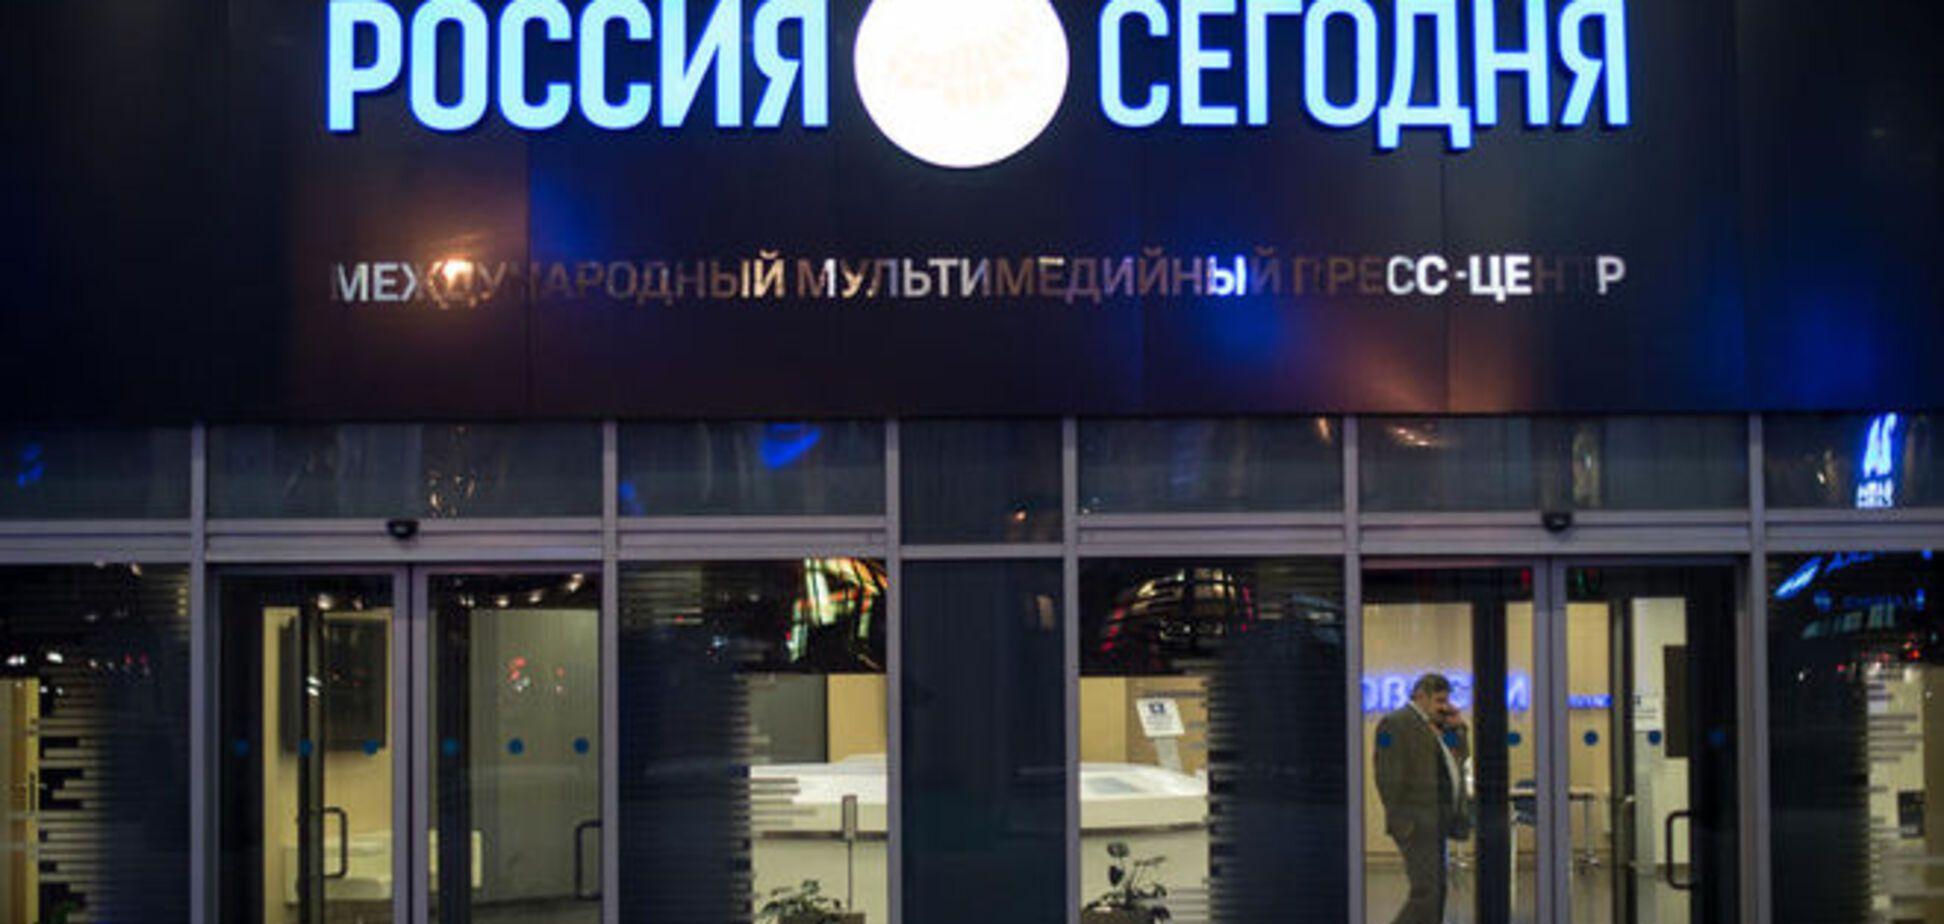 В англійському банку пояснили, чому закрили рахунки 'Russia Today'